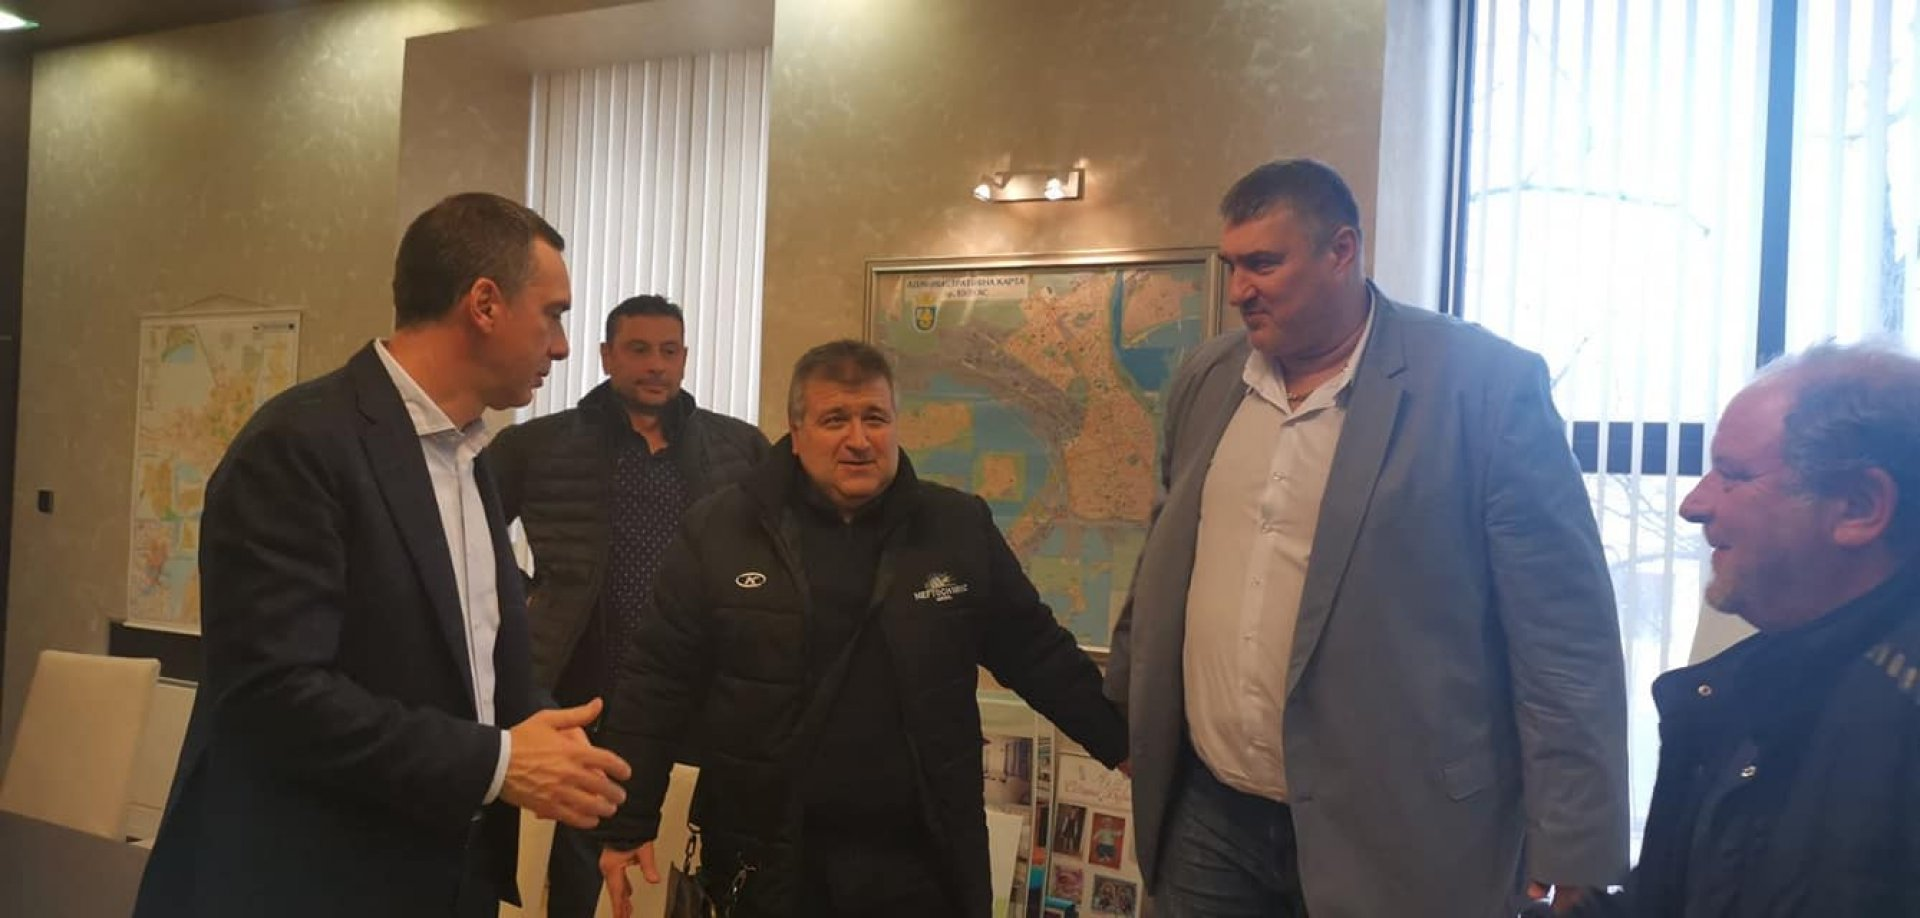 Срещата се проведе в кабинета на кмета на Бургас Димитър Николов (вляво). Снимки Личен архив Йордан Георгиев